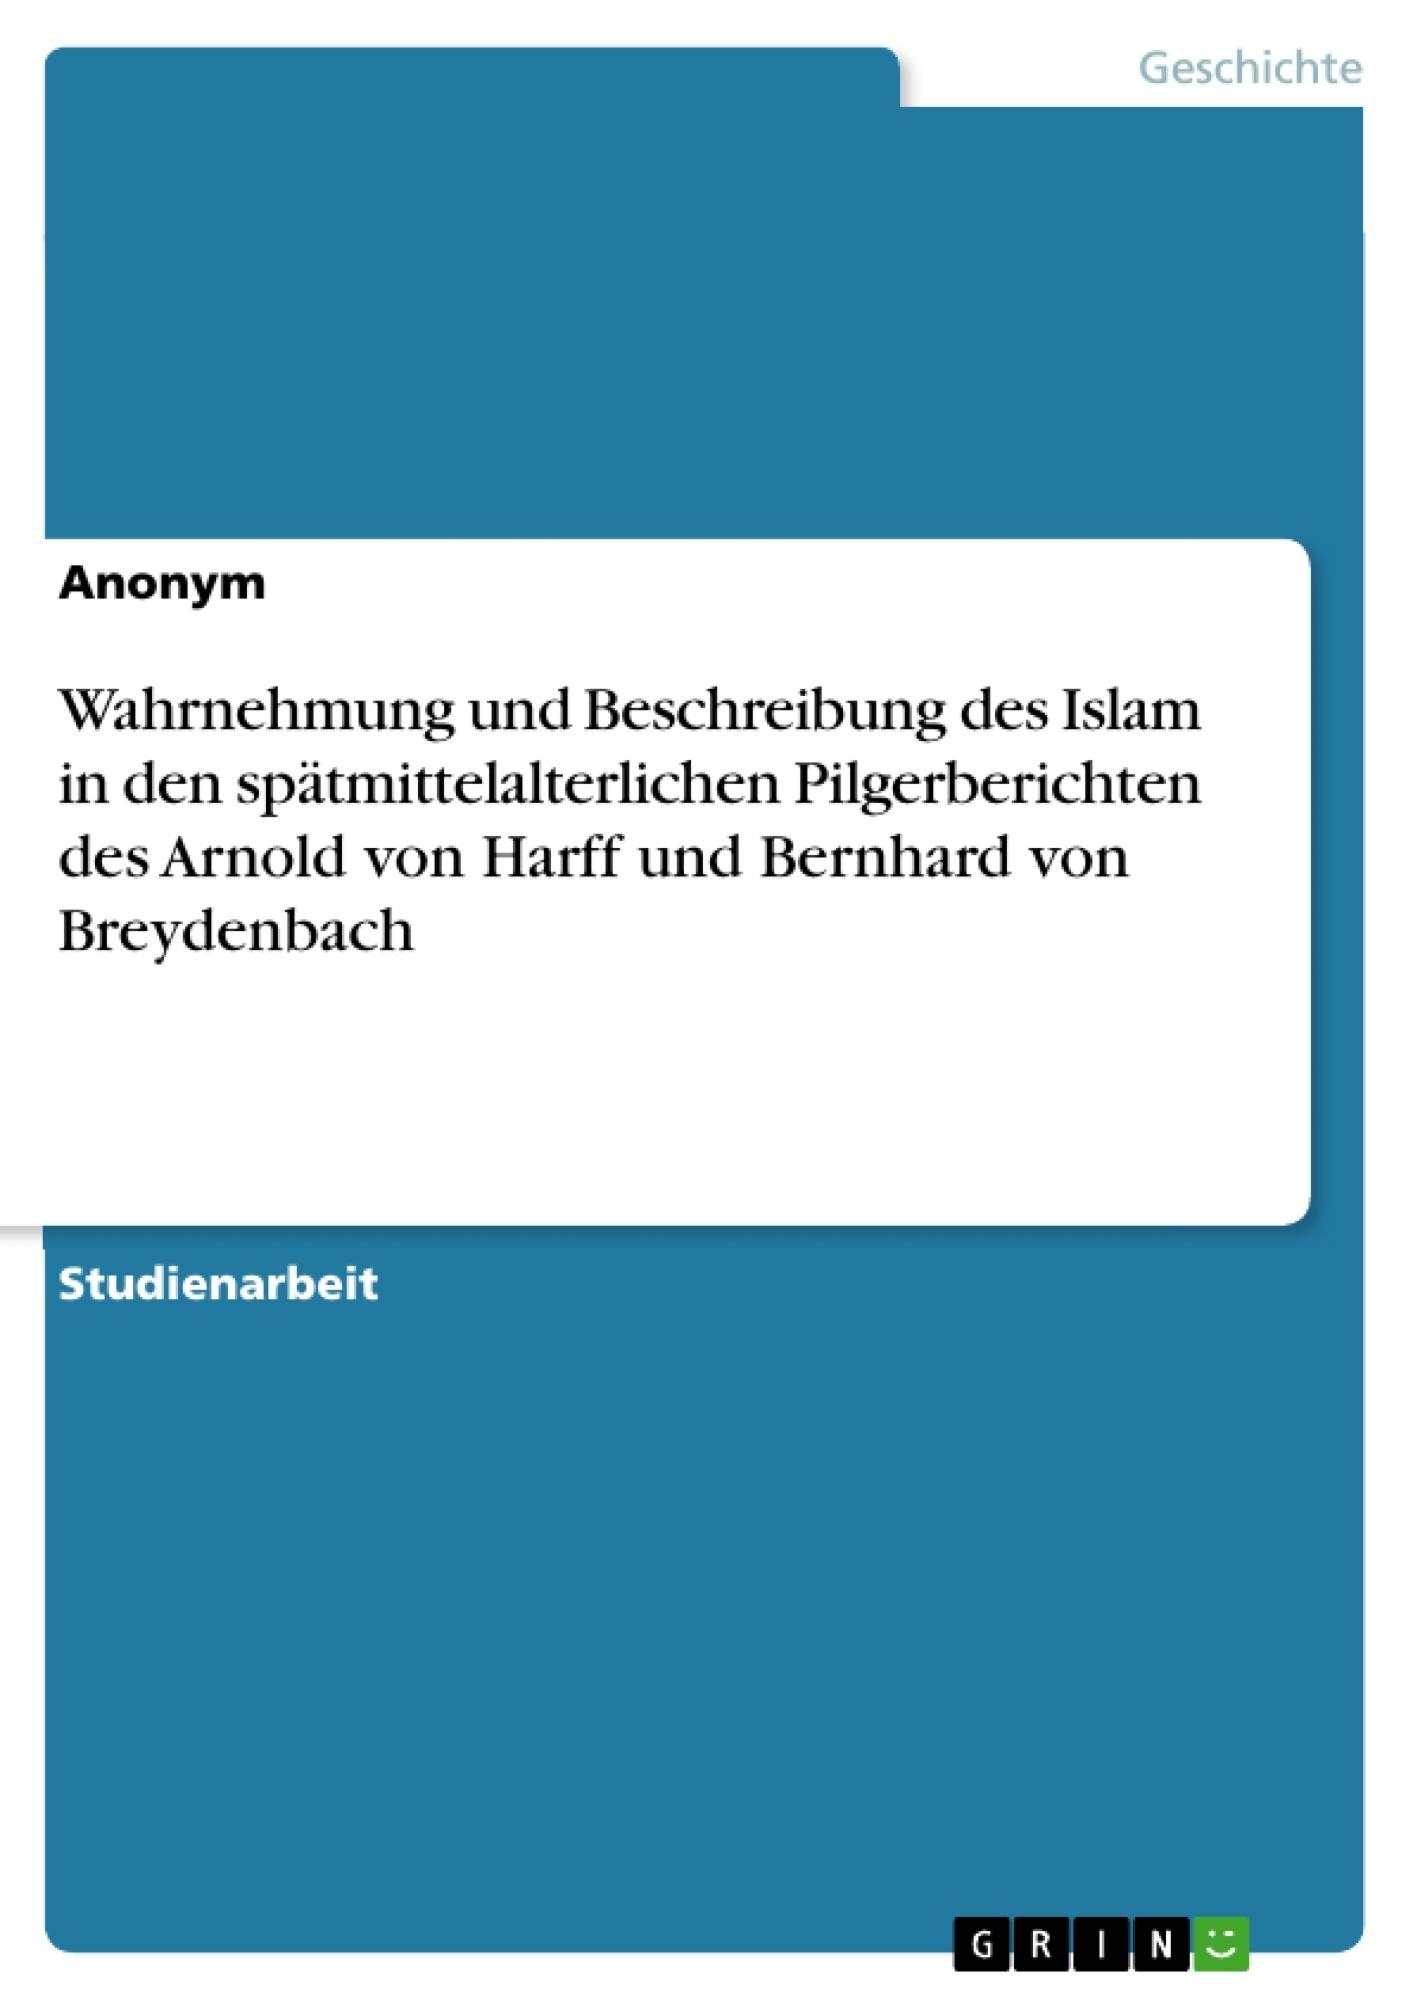 Titel: Wahrnehmung und Beschreibung des Islam in den spätmittelalterlichen Pilgerberichten des Arnold von Harff und Bernhard von Breydenbach